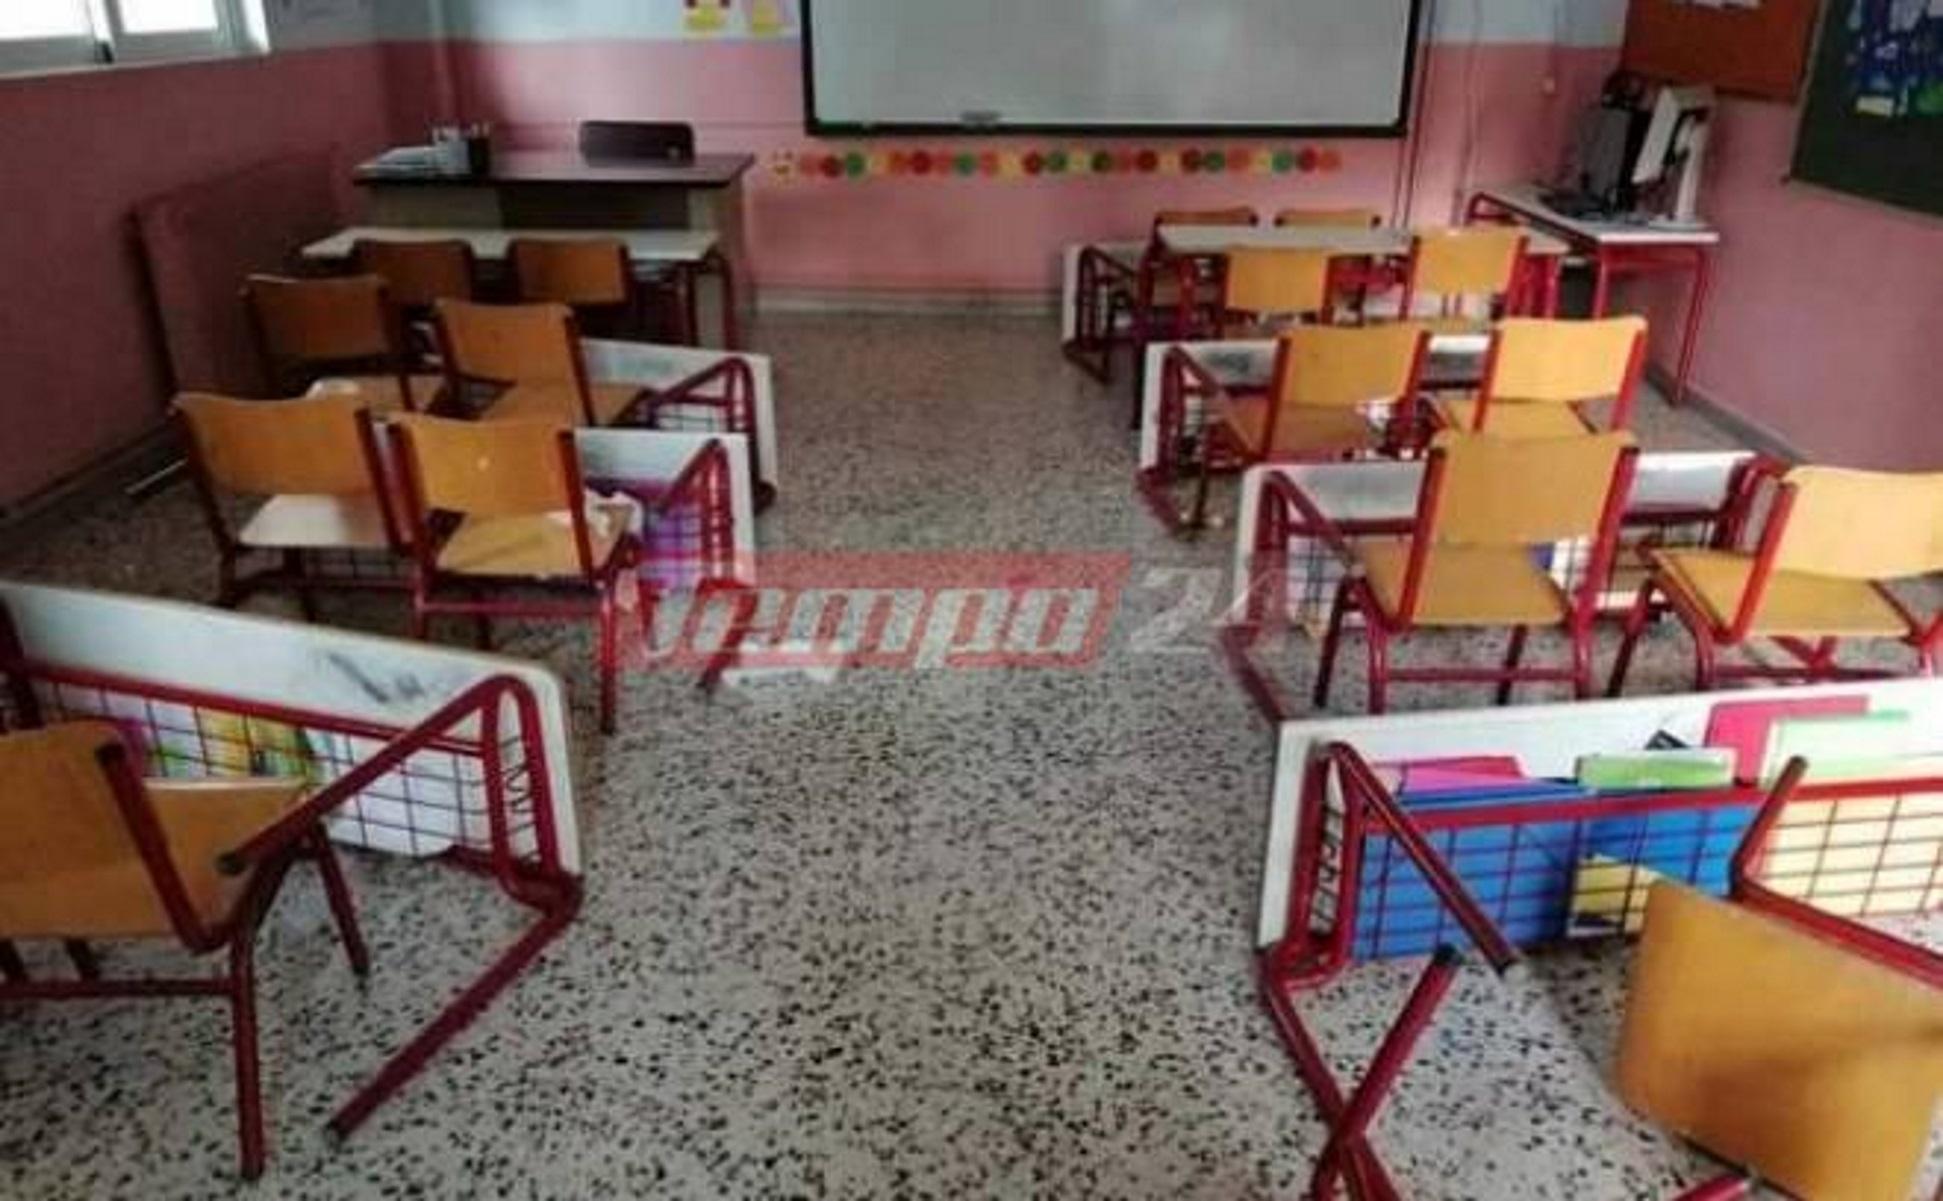 Πάτρα: Γυαλιά καρφιά σε δημοτικό σχολείο – Σοκ για δασκάλους, γονείς και μαθητές (pics)